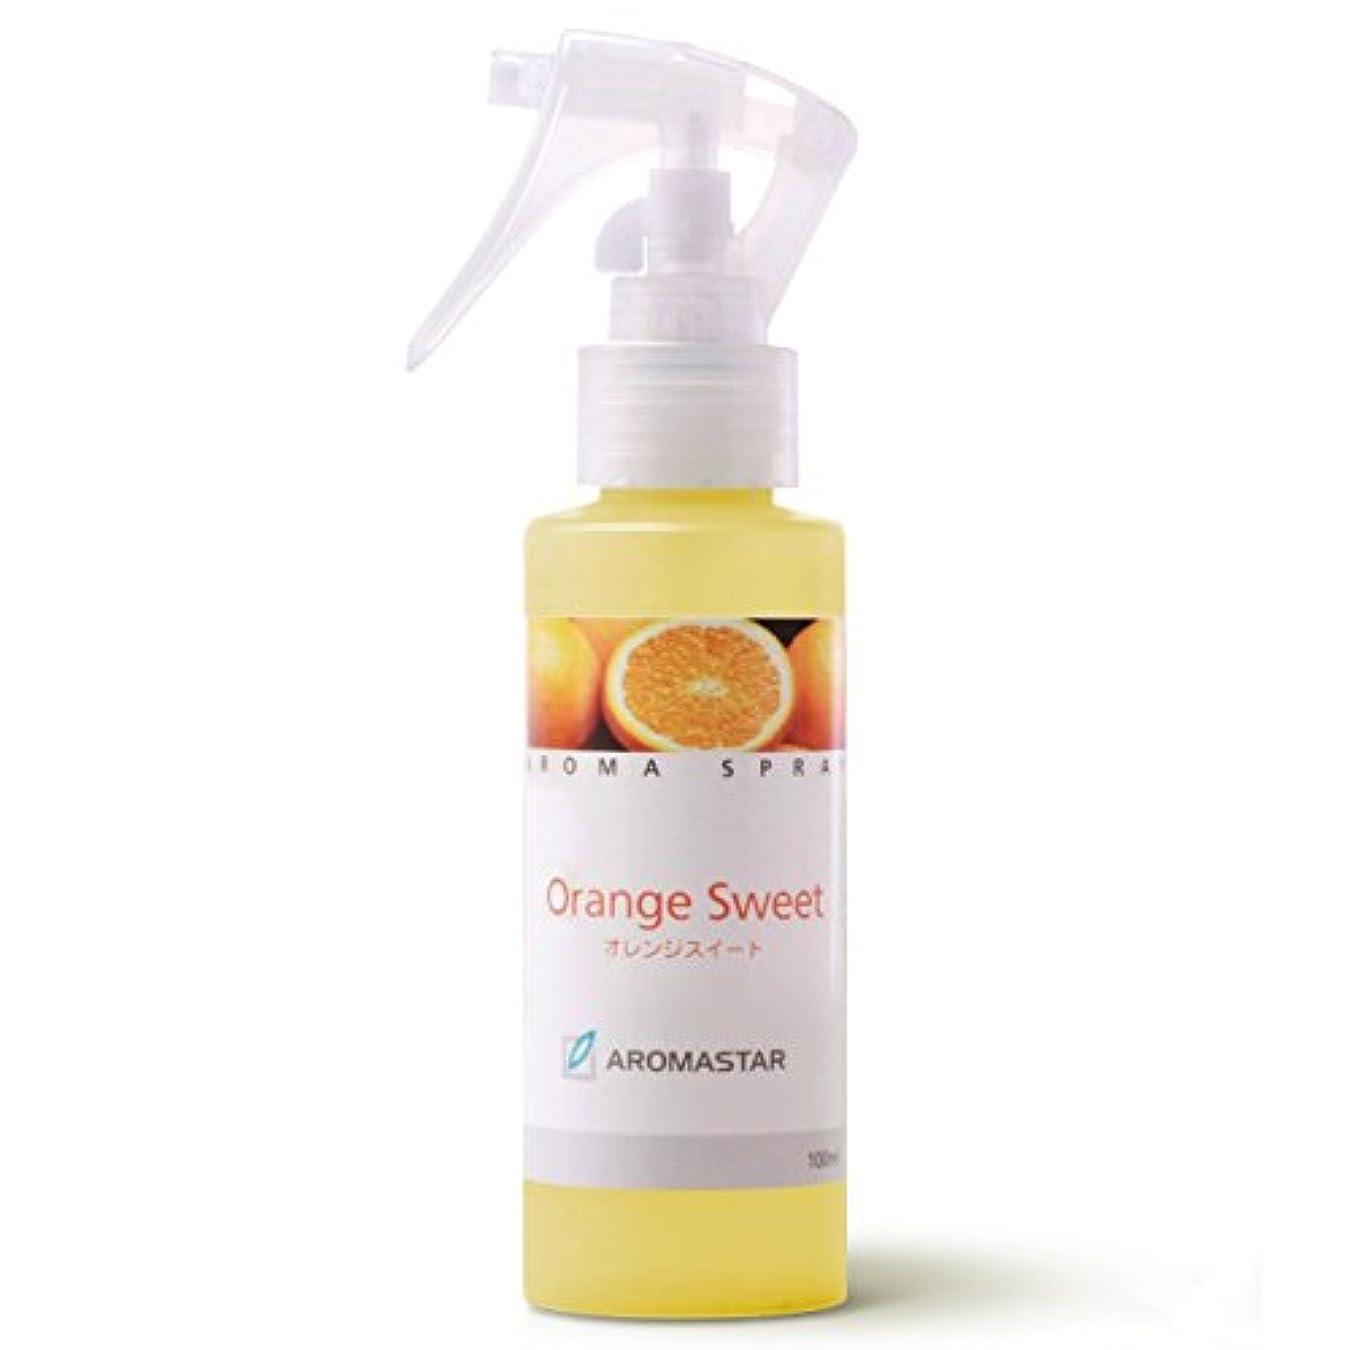 ぞっとするようなサバントメトロポリタン天然の香りのアロマスプレー【オレンジ】100ml